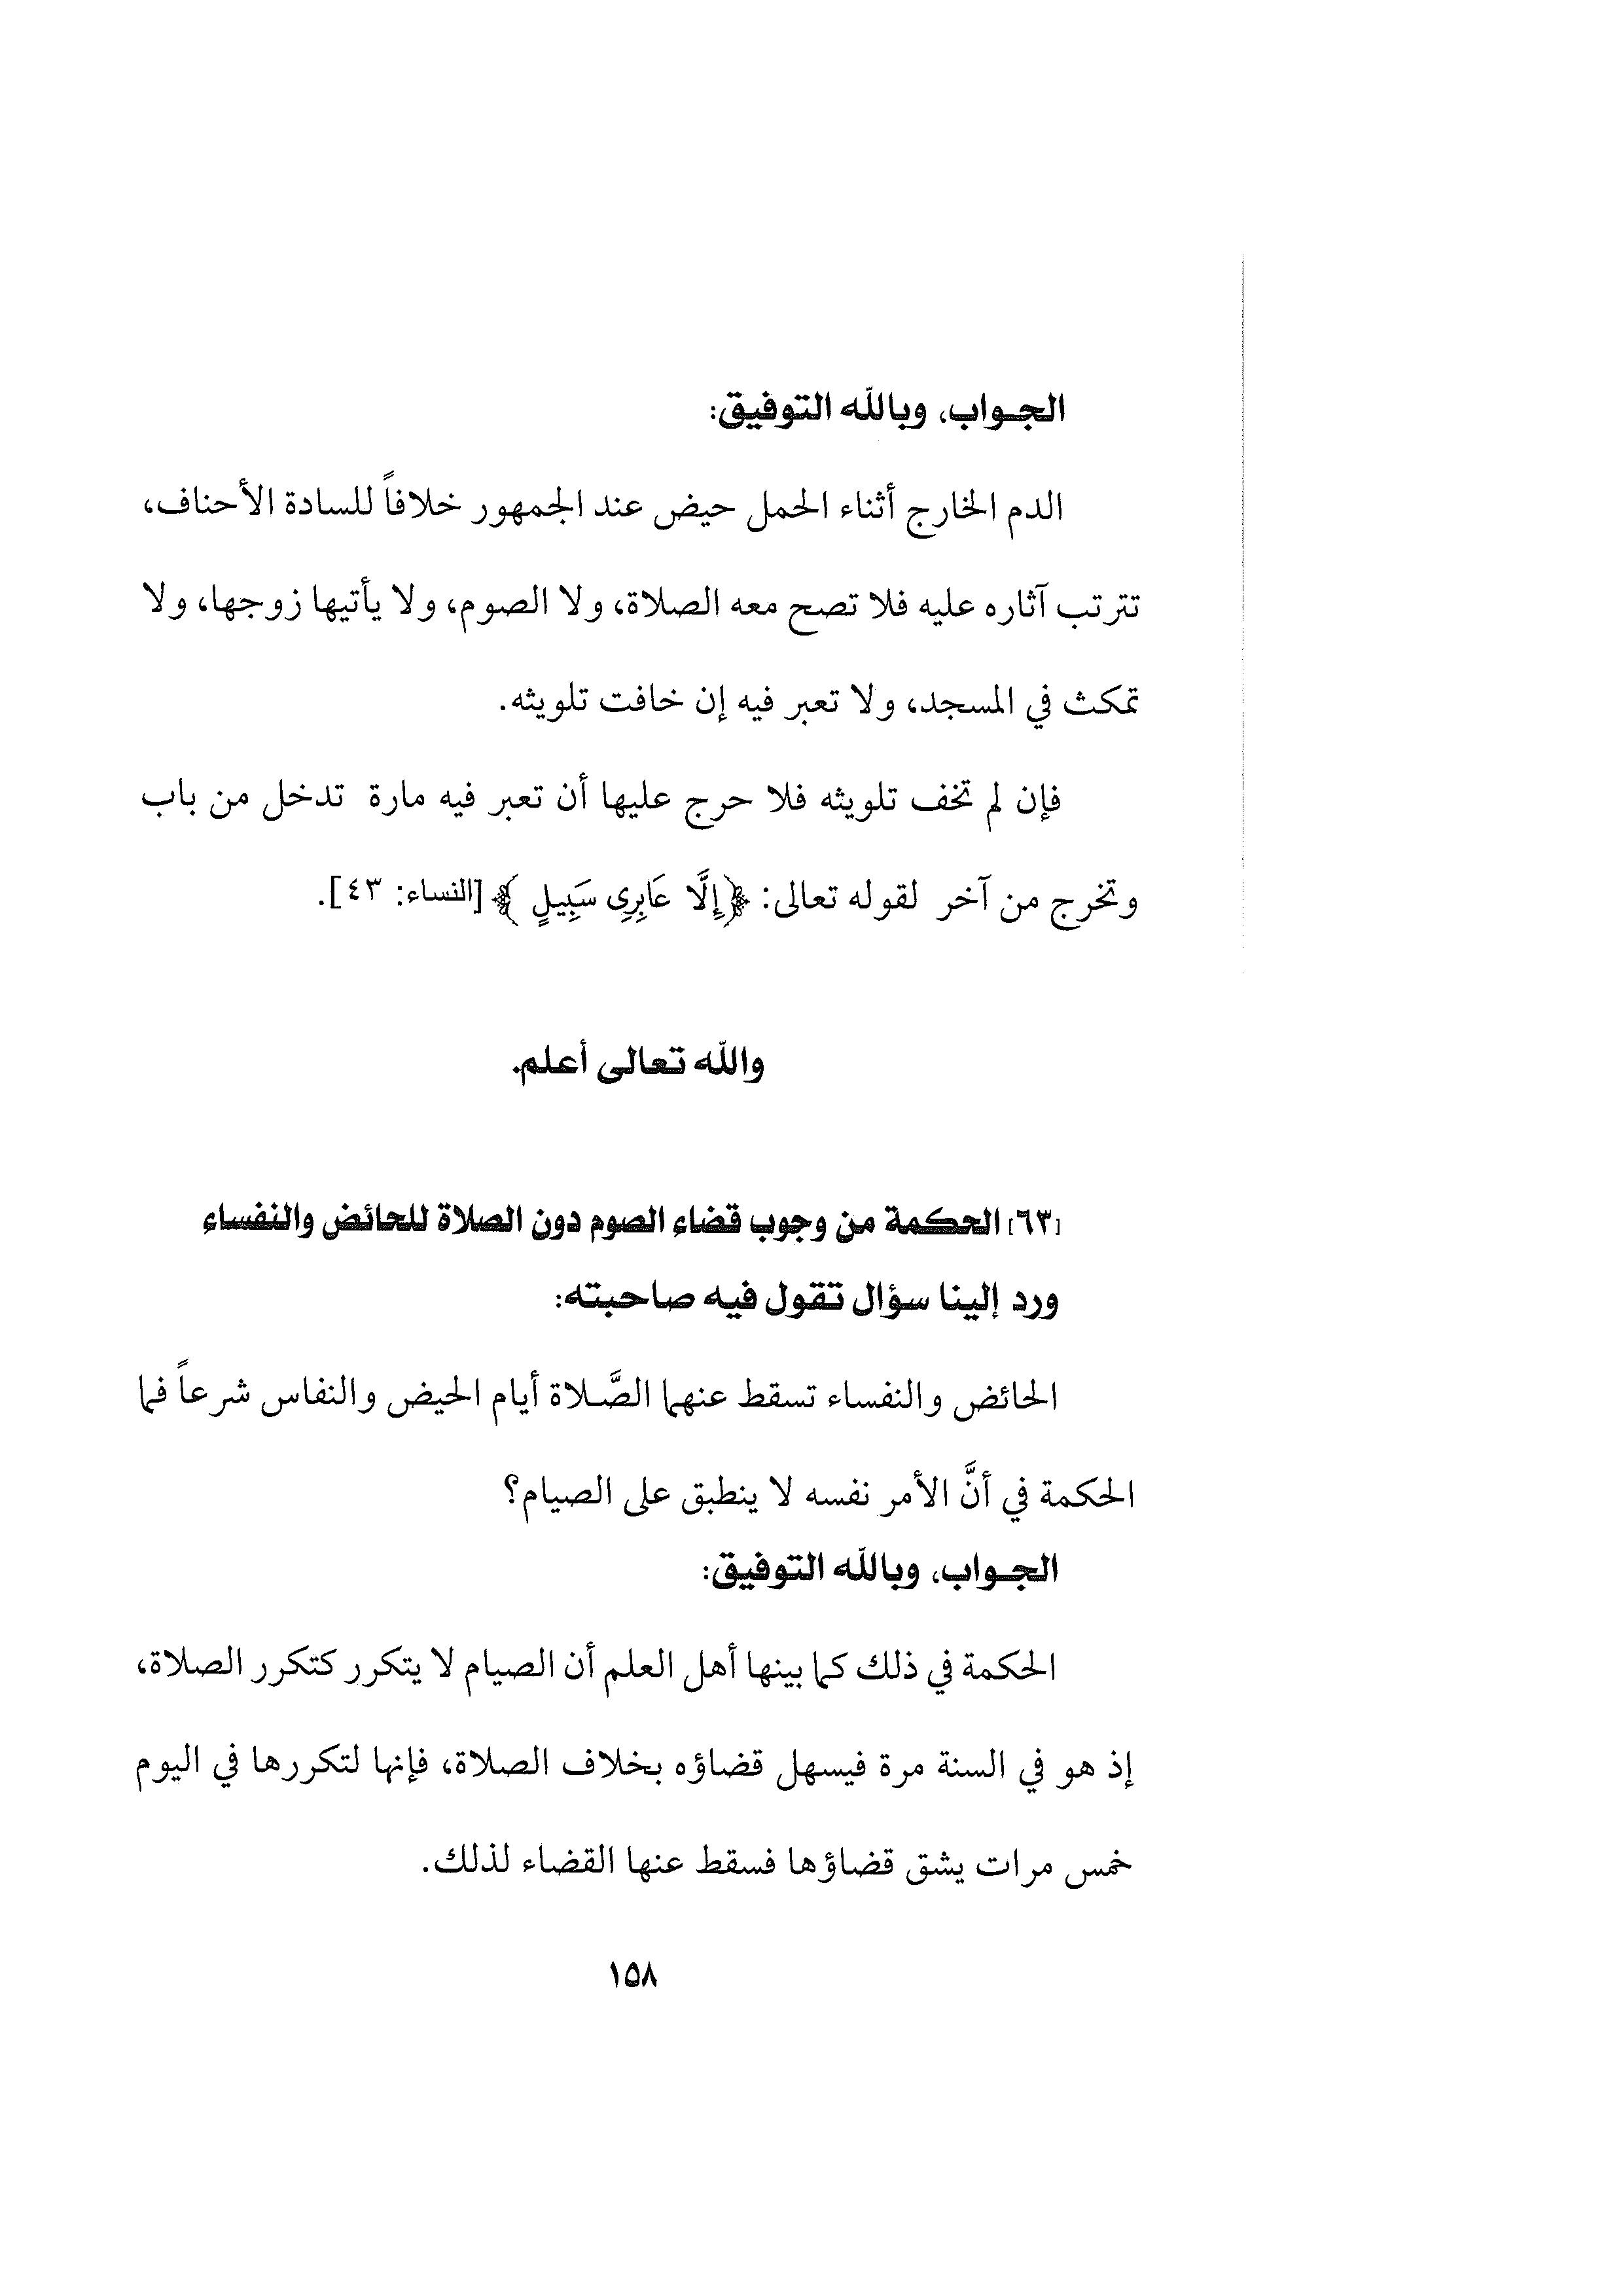 الكتان إيقاعي مسطرة حكم عدم قضاء الصوم للنساء Comertinsaat Com